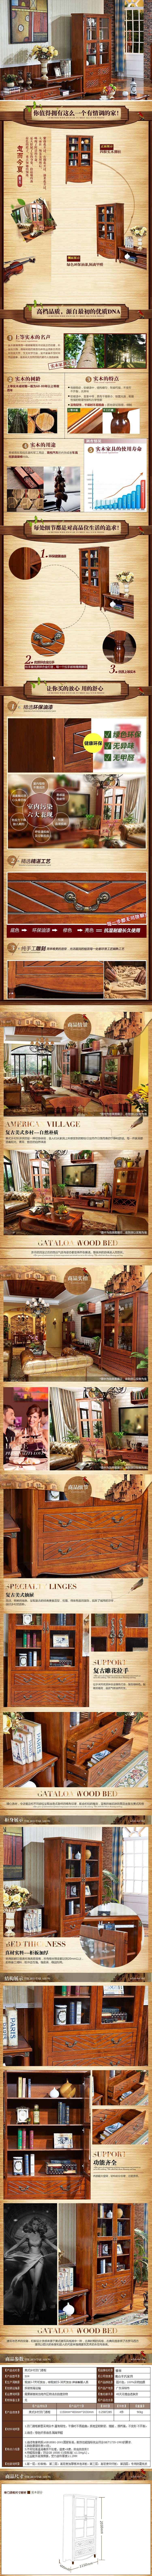 > 深色美式乡村酒柜 客厅玻璃门储物柜实木展示柜装饰柜